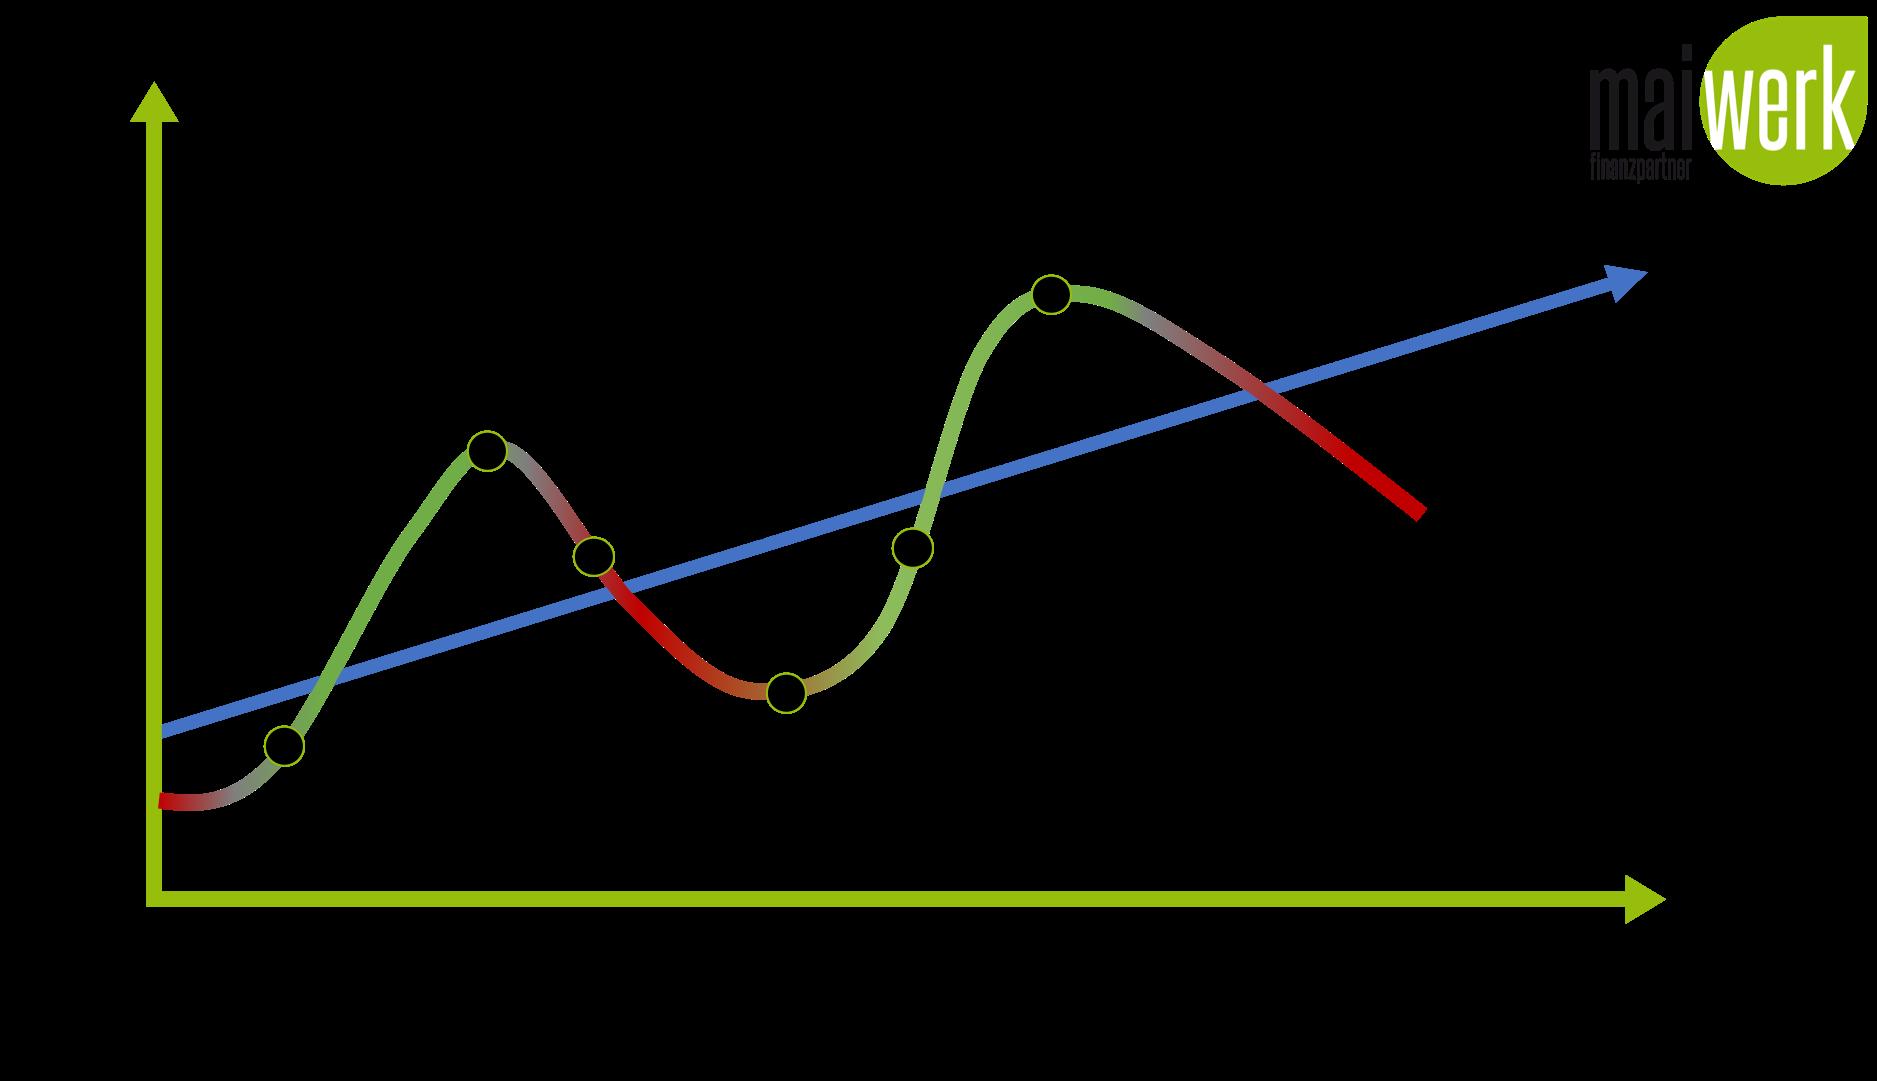 Die 4 Wirtschaftsphasen - Aufschwung, Boom, Repression, Depression